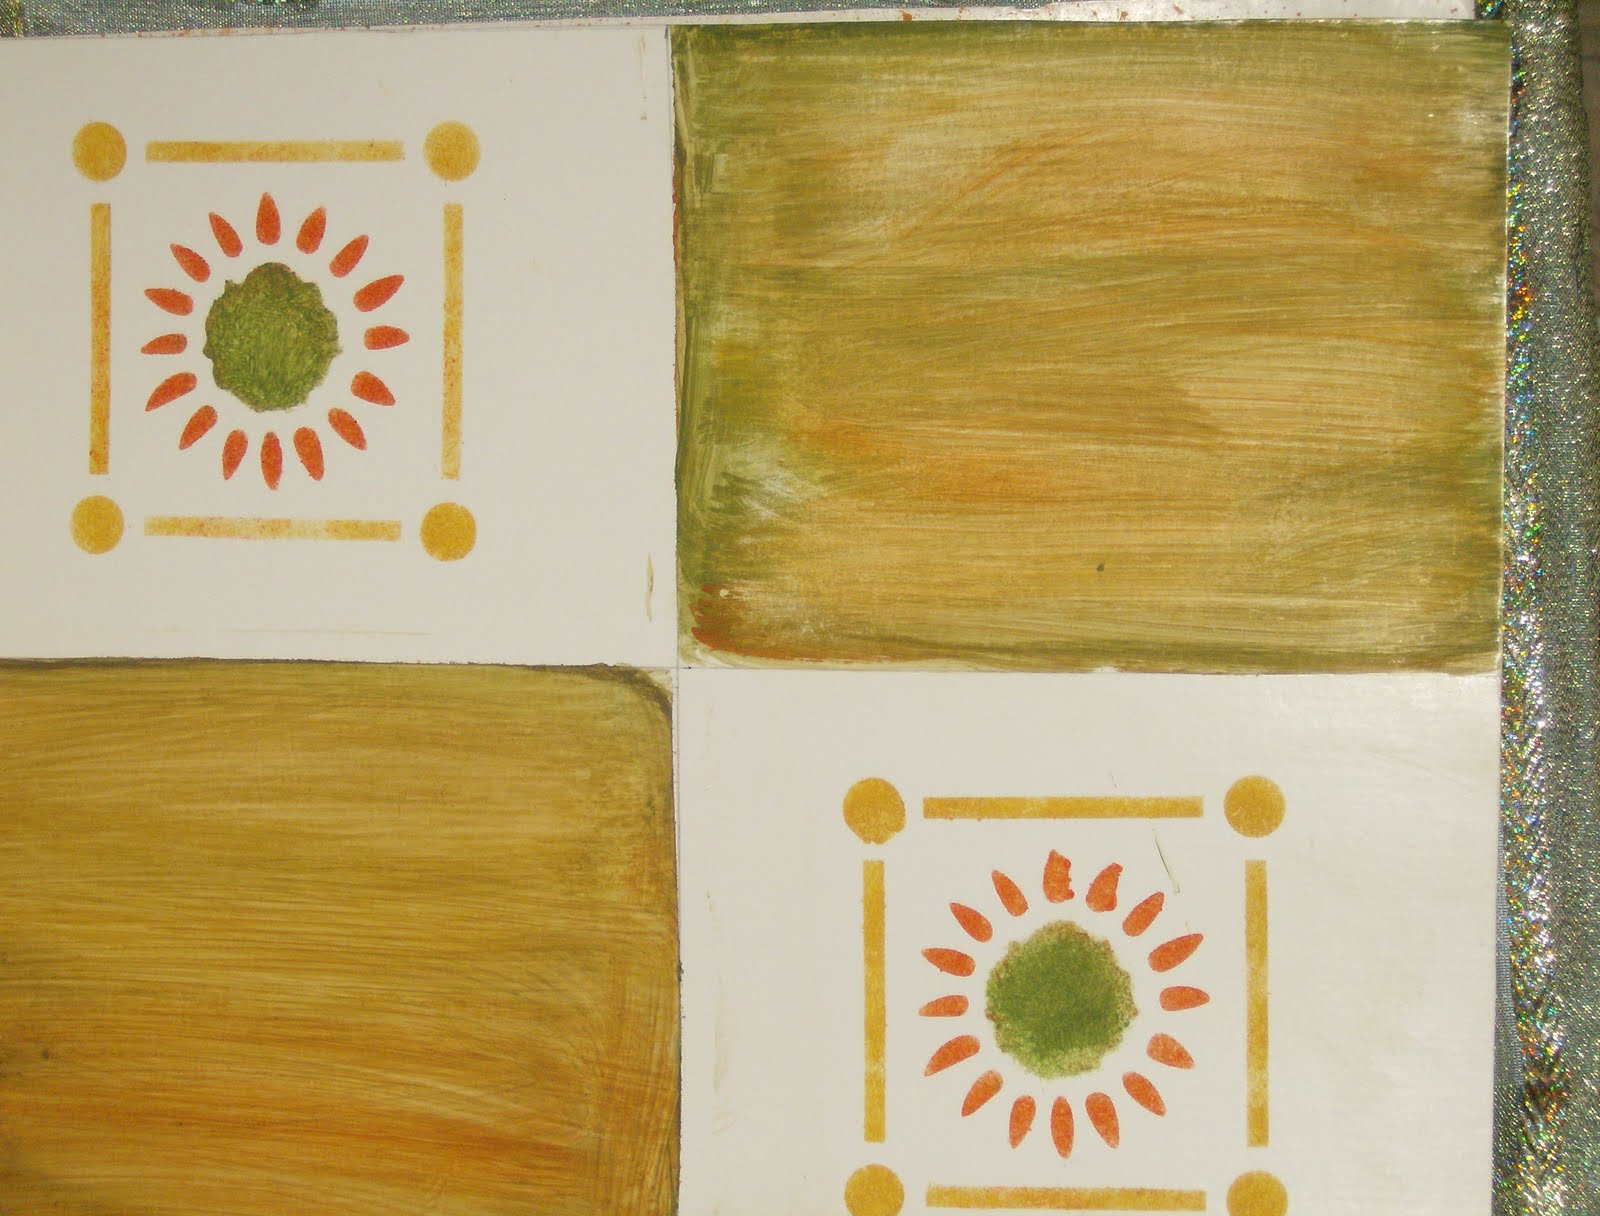 Proyecto escuela laboral school project work - Blog de manualidades y decoracion ...